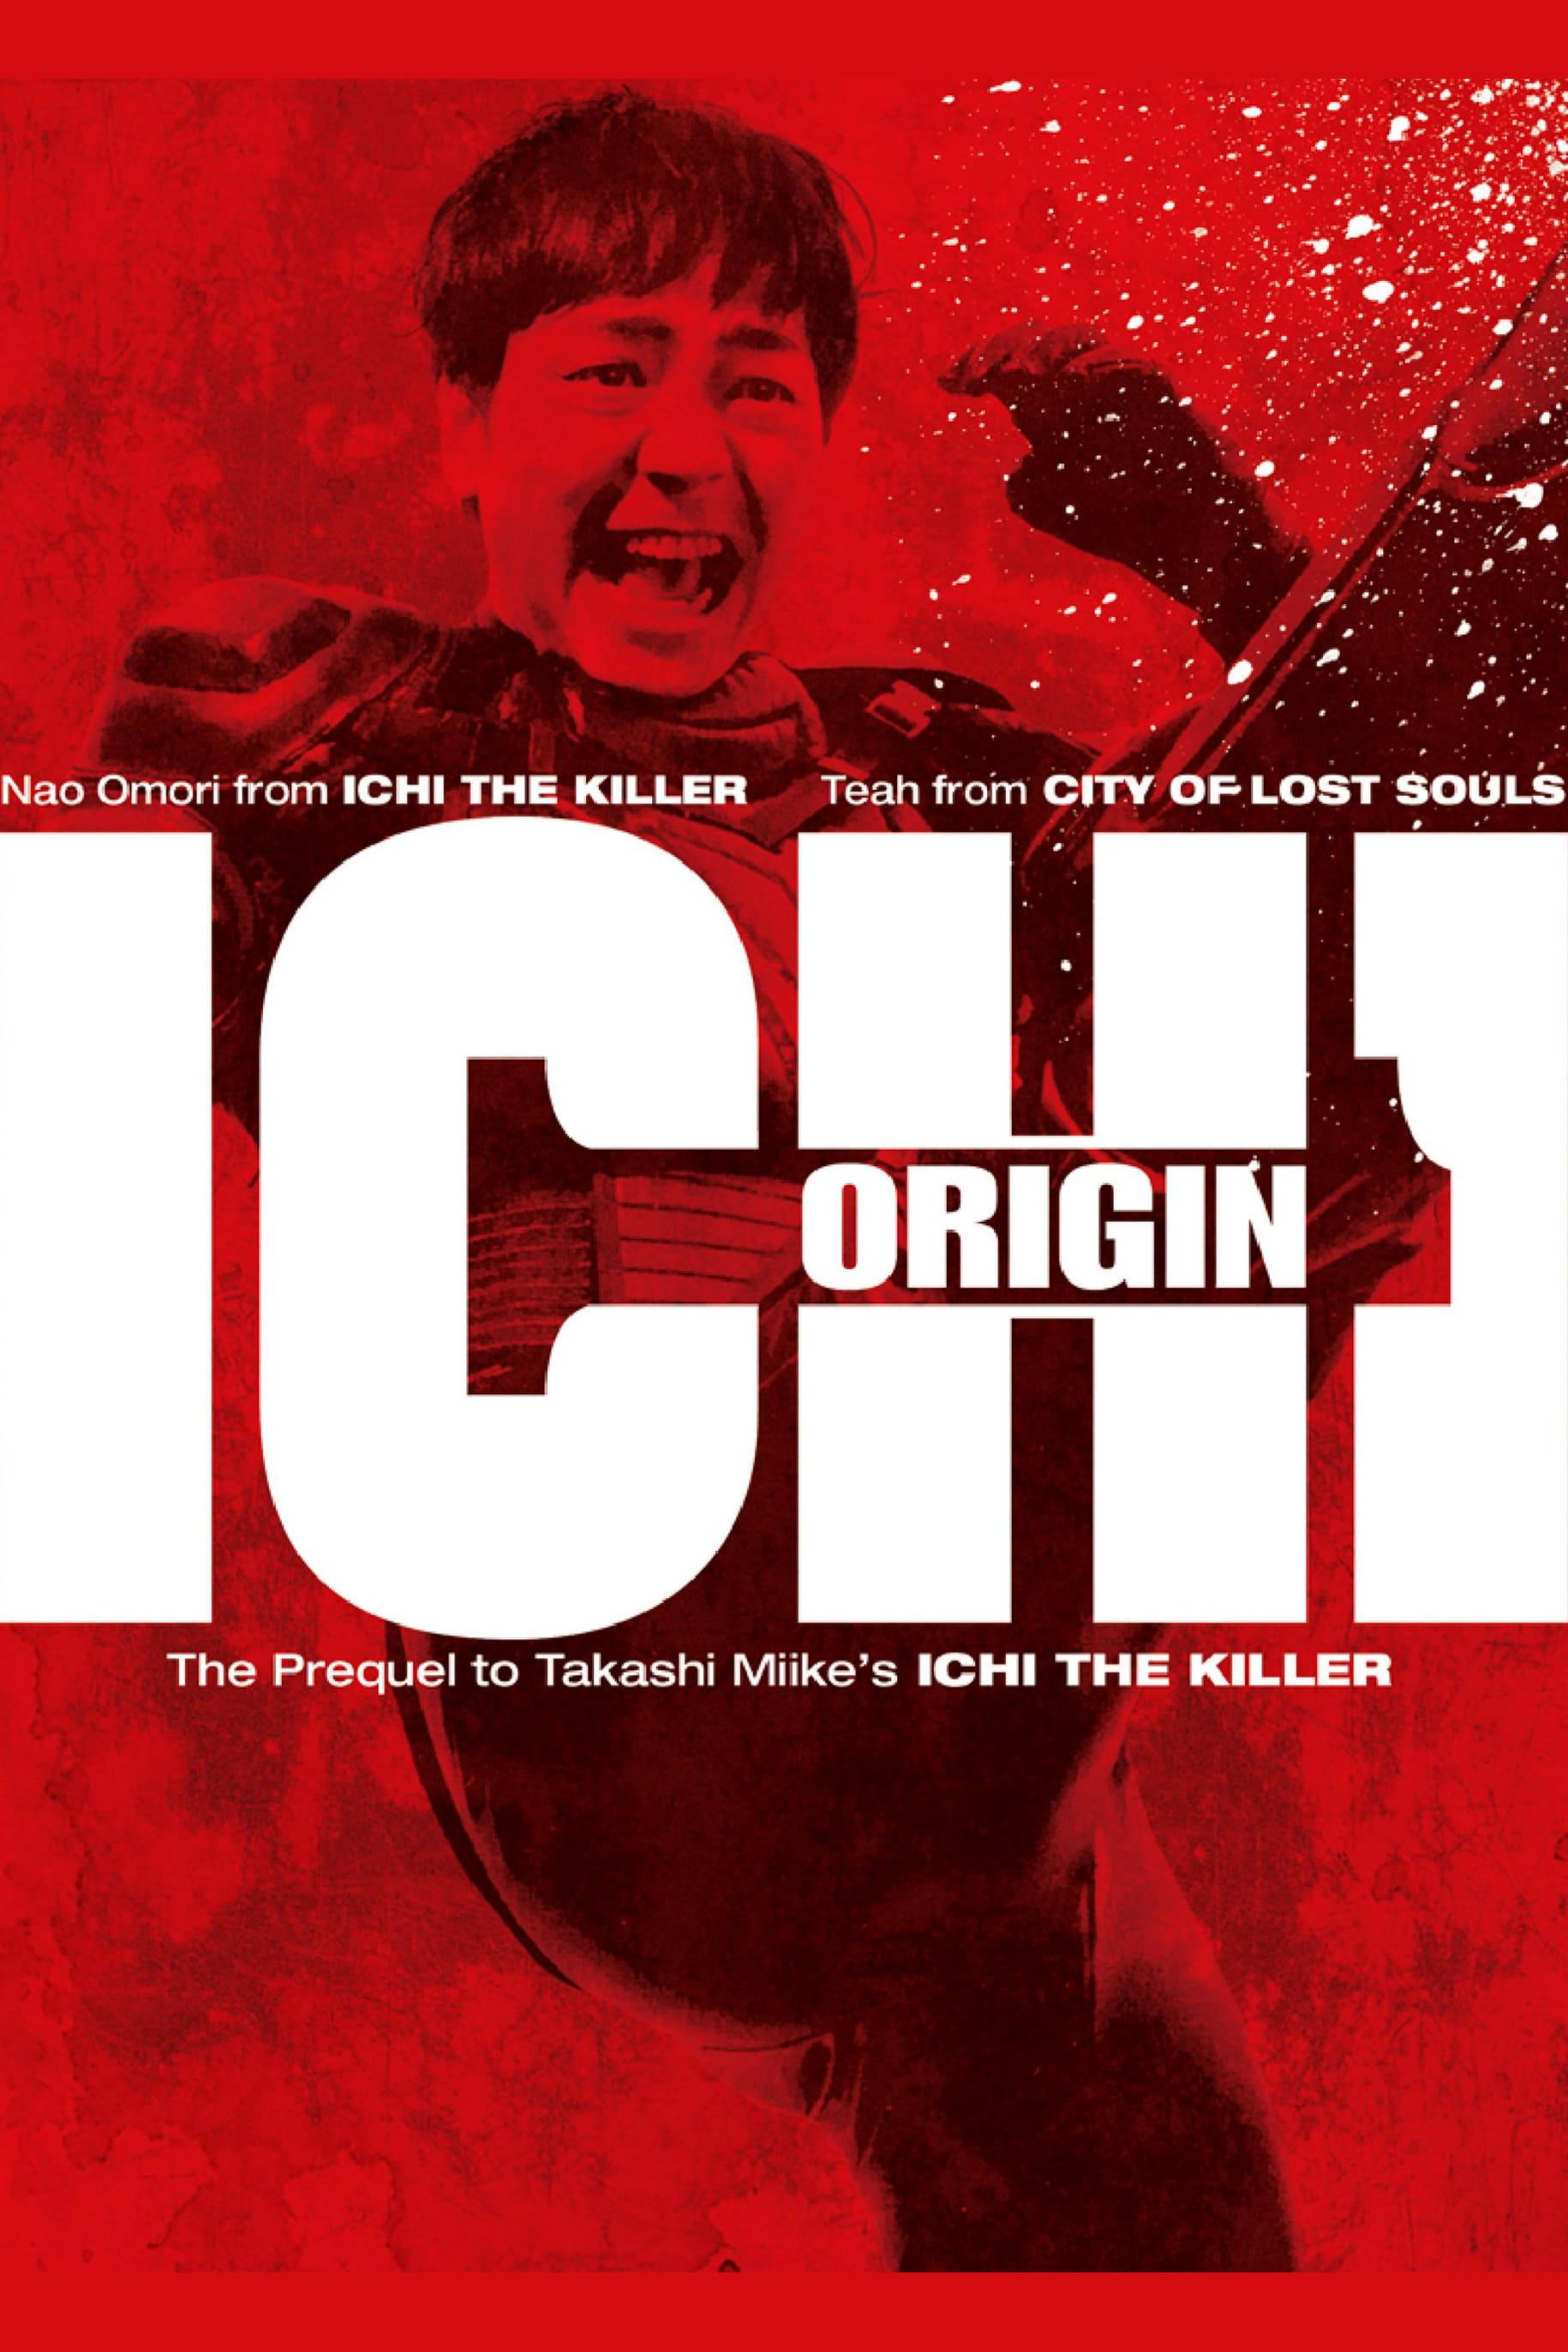 Ichi Origin